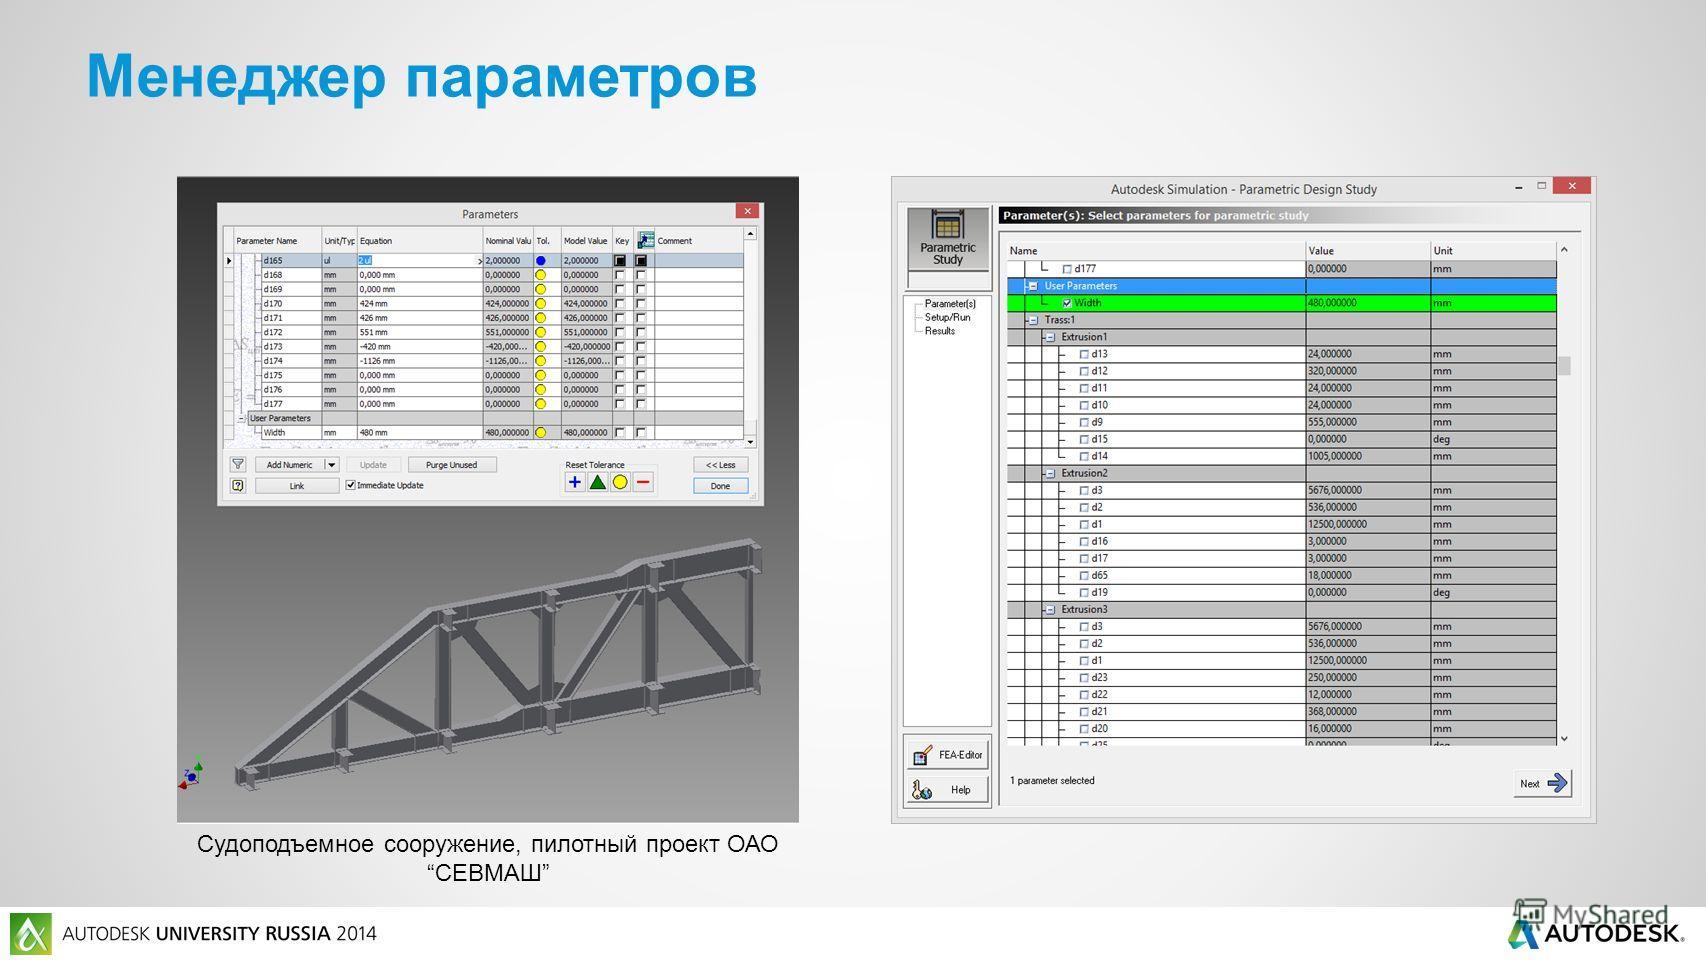 Менеджер параметров Судоподъемное сооружение, пилотный проект ОАОСЕВМАШ